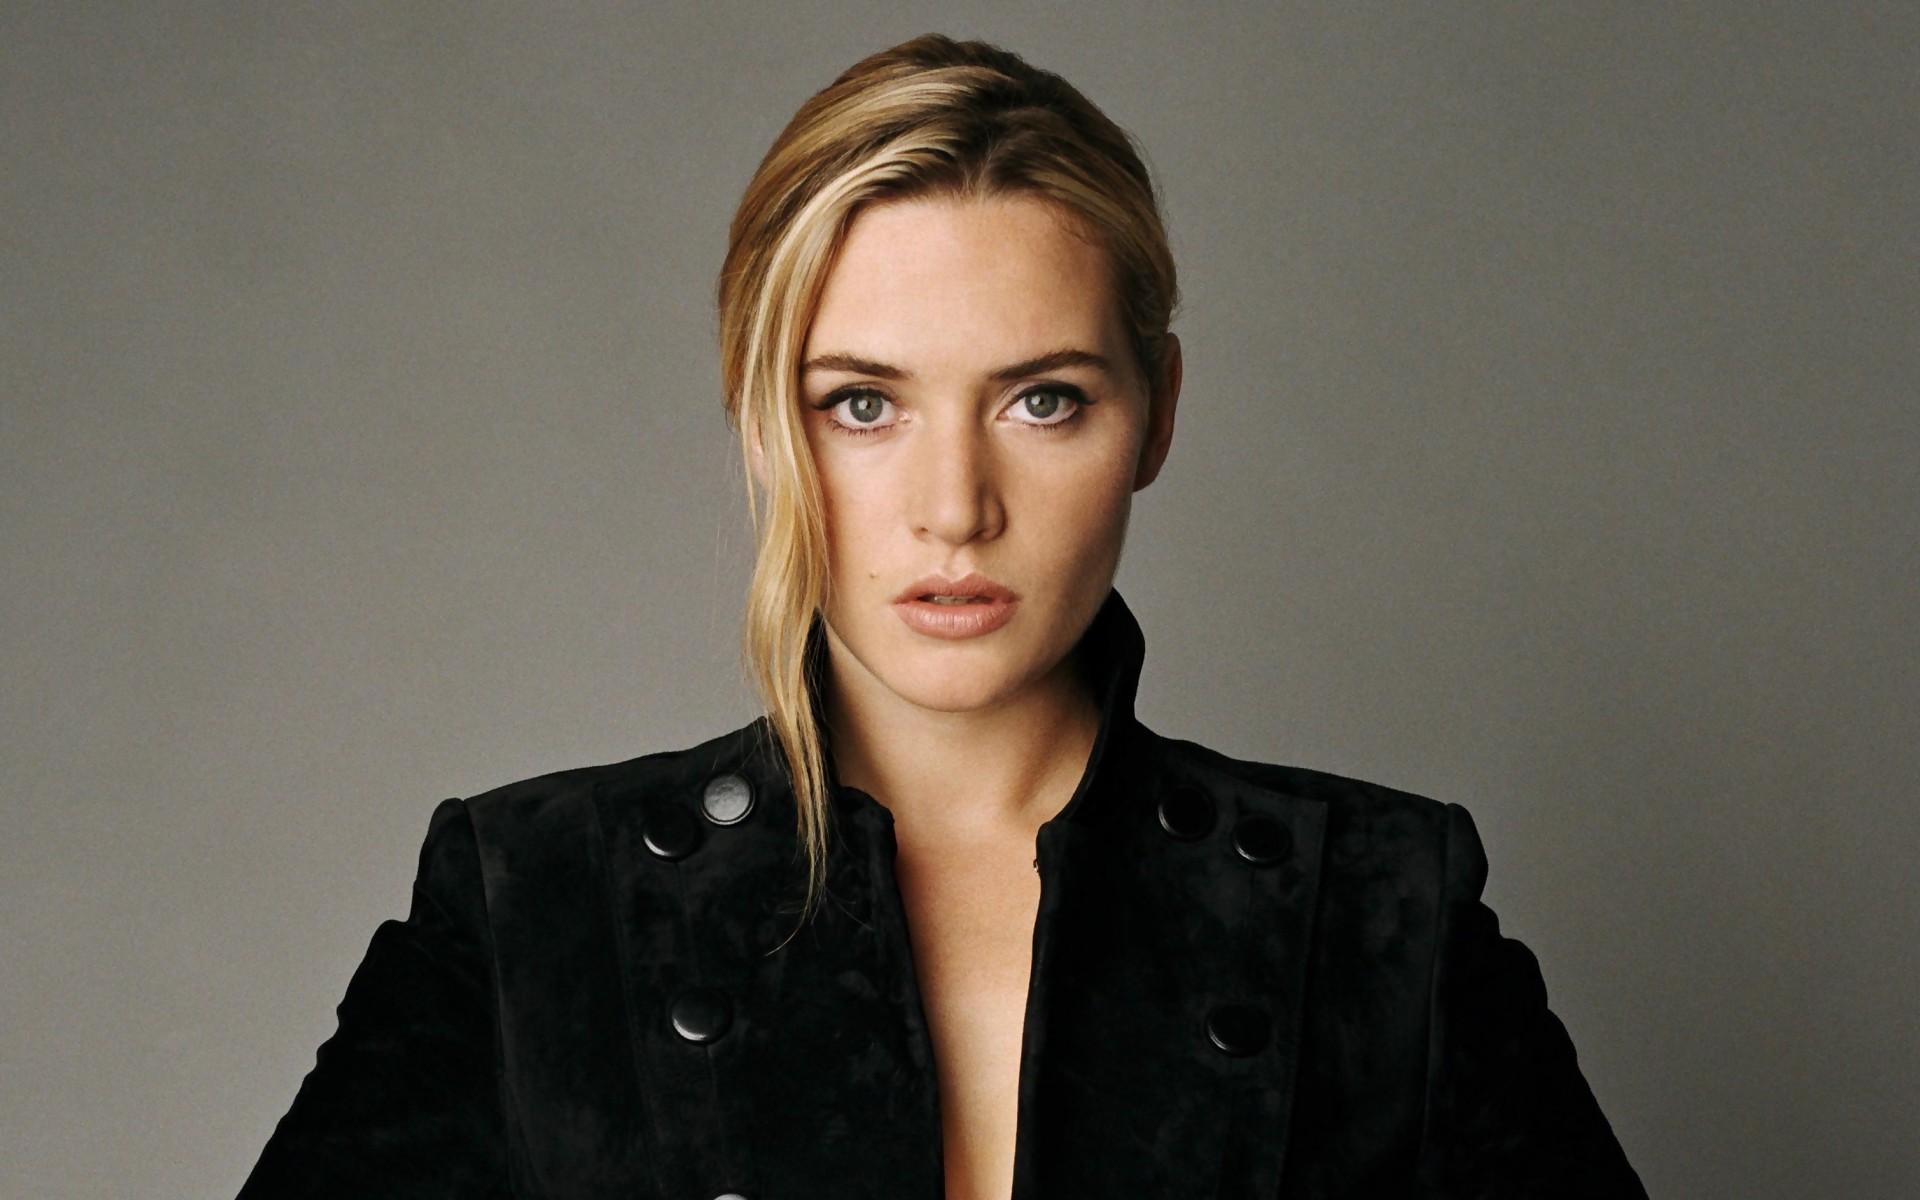 kate winslet photo 52f36d11e46ca Kate Winslet dans le biopic de Jobs ?